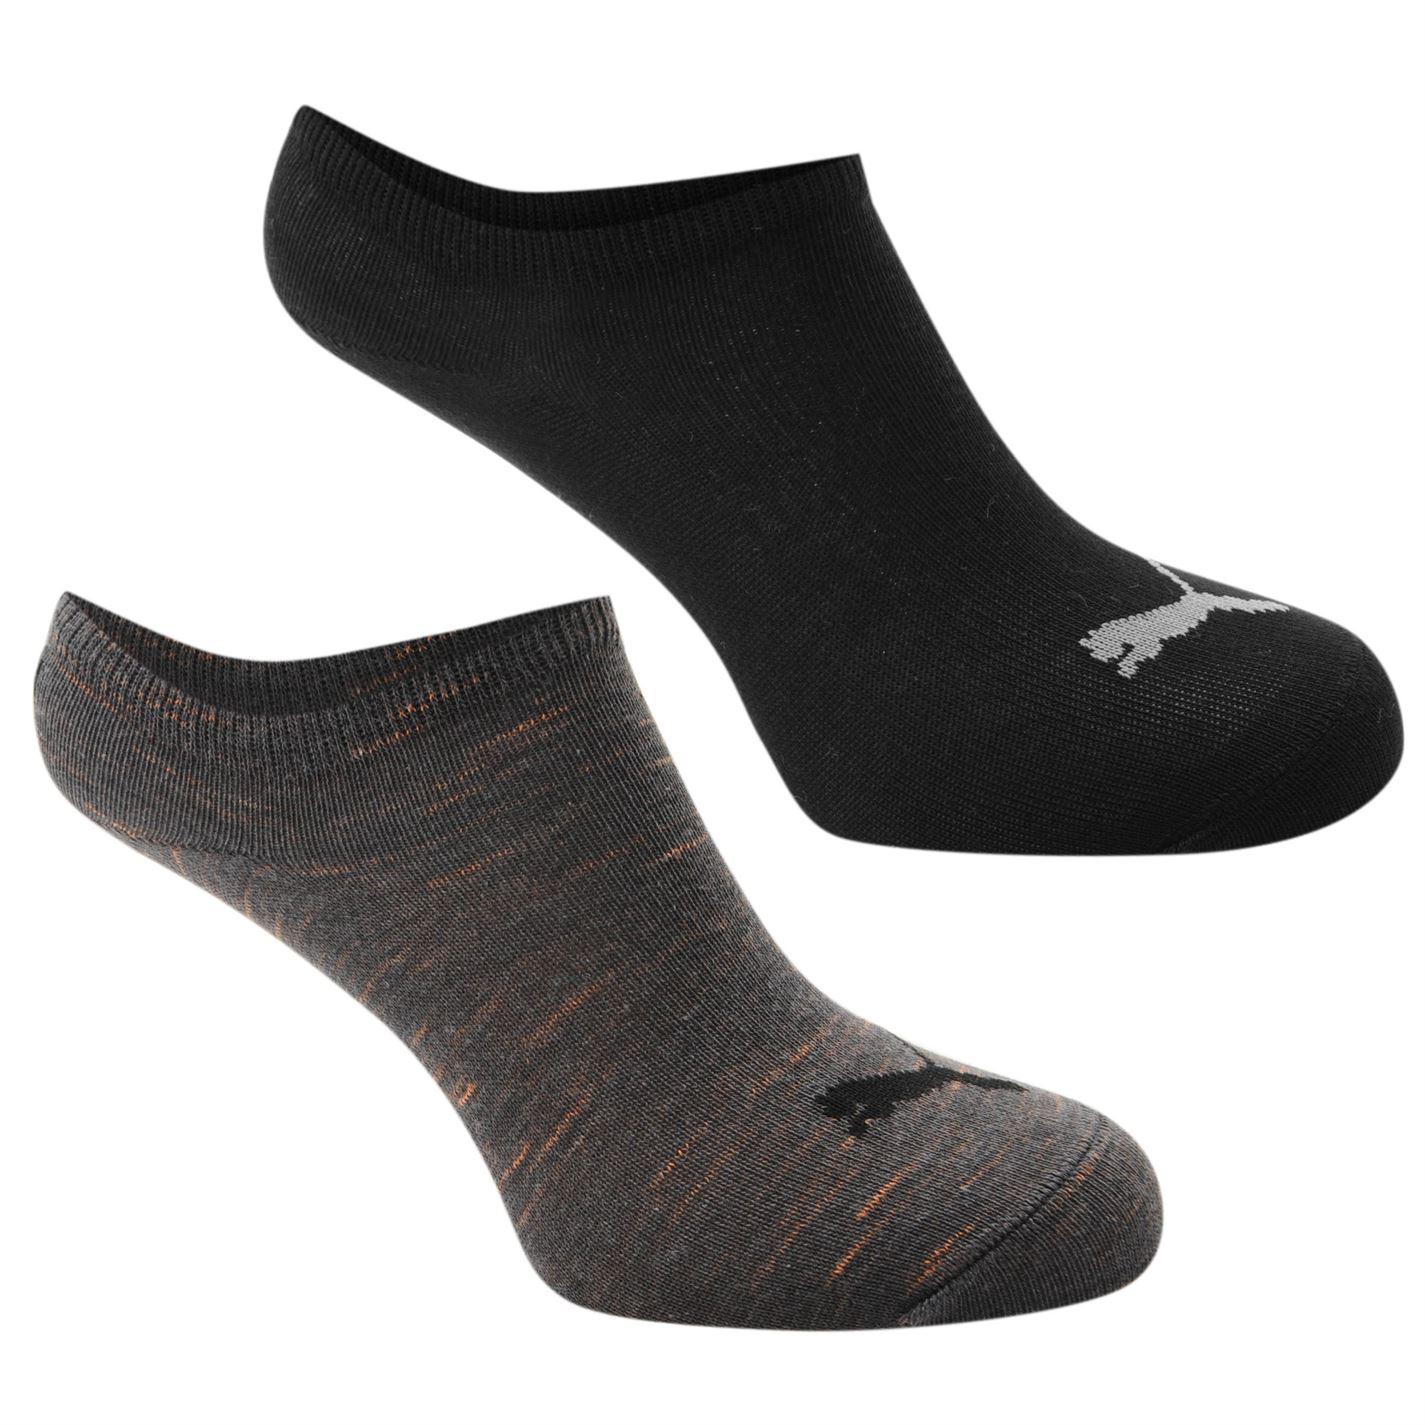 Chlapecké sportovní ponožky Puma, 2 páry, vel. 27 - 30